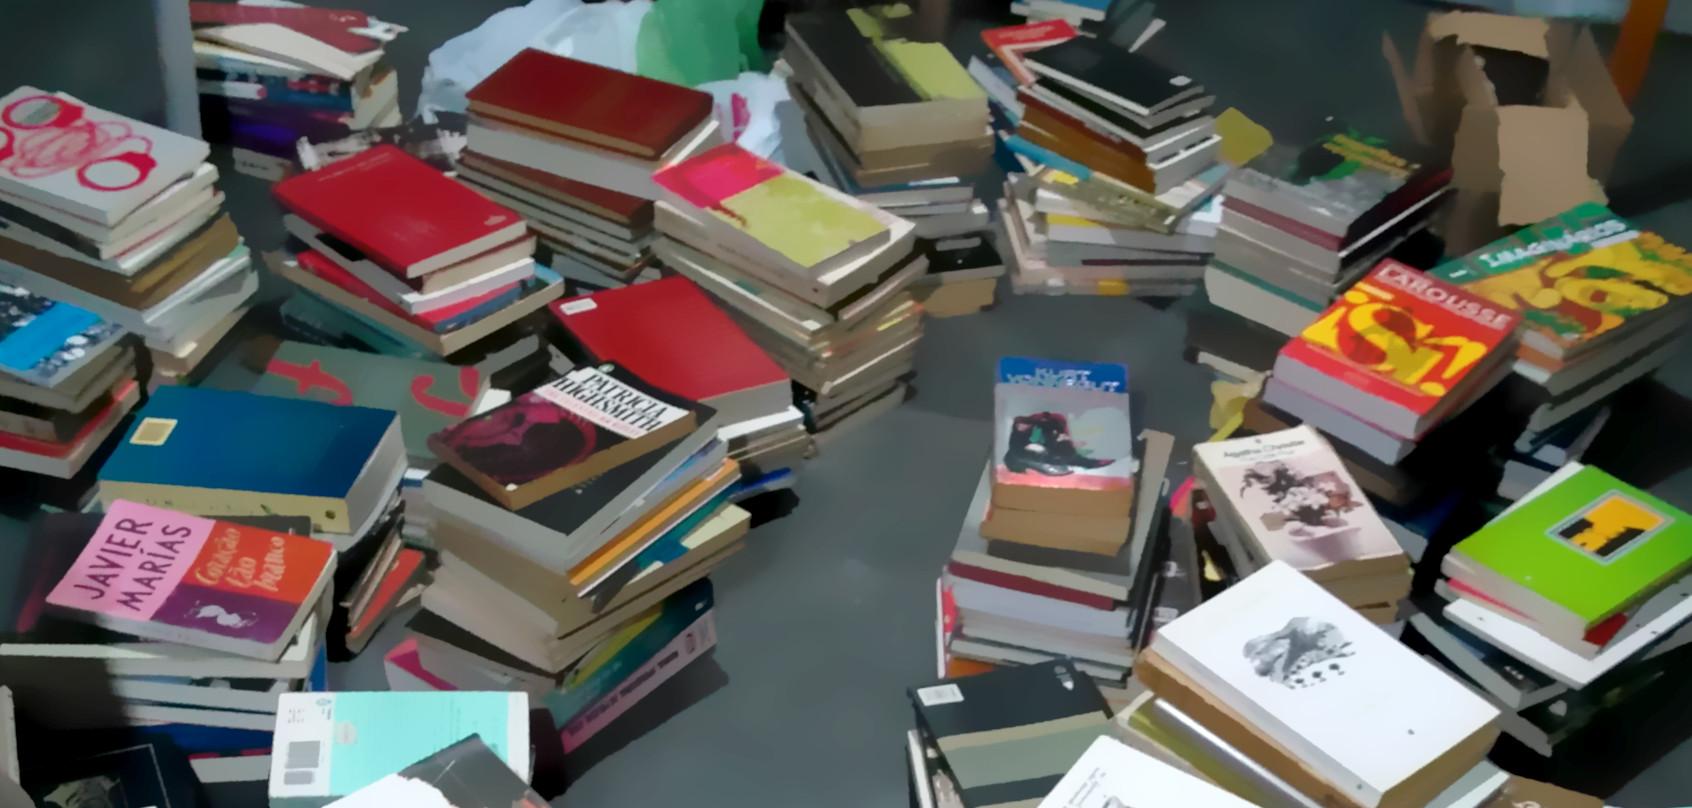 foto: livros empilhados e espalhados pelo chão